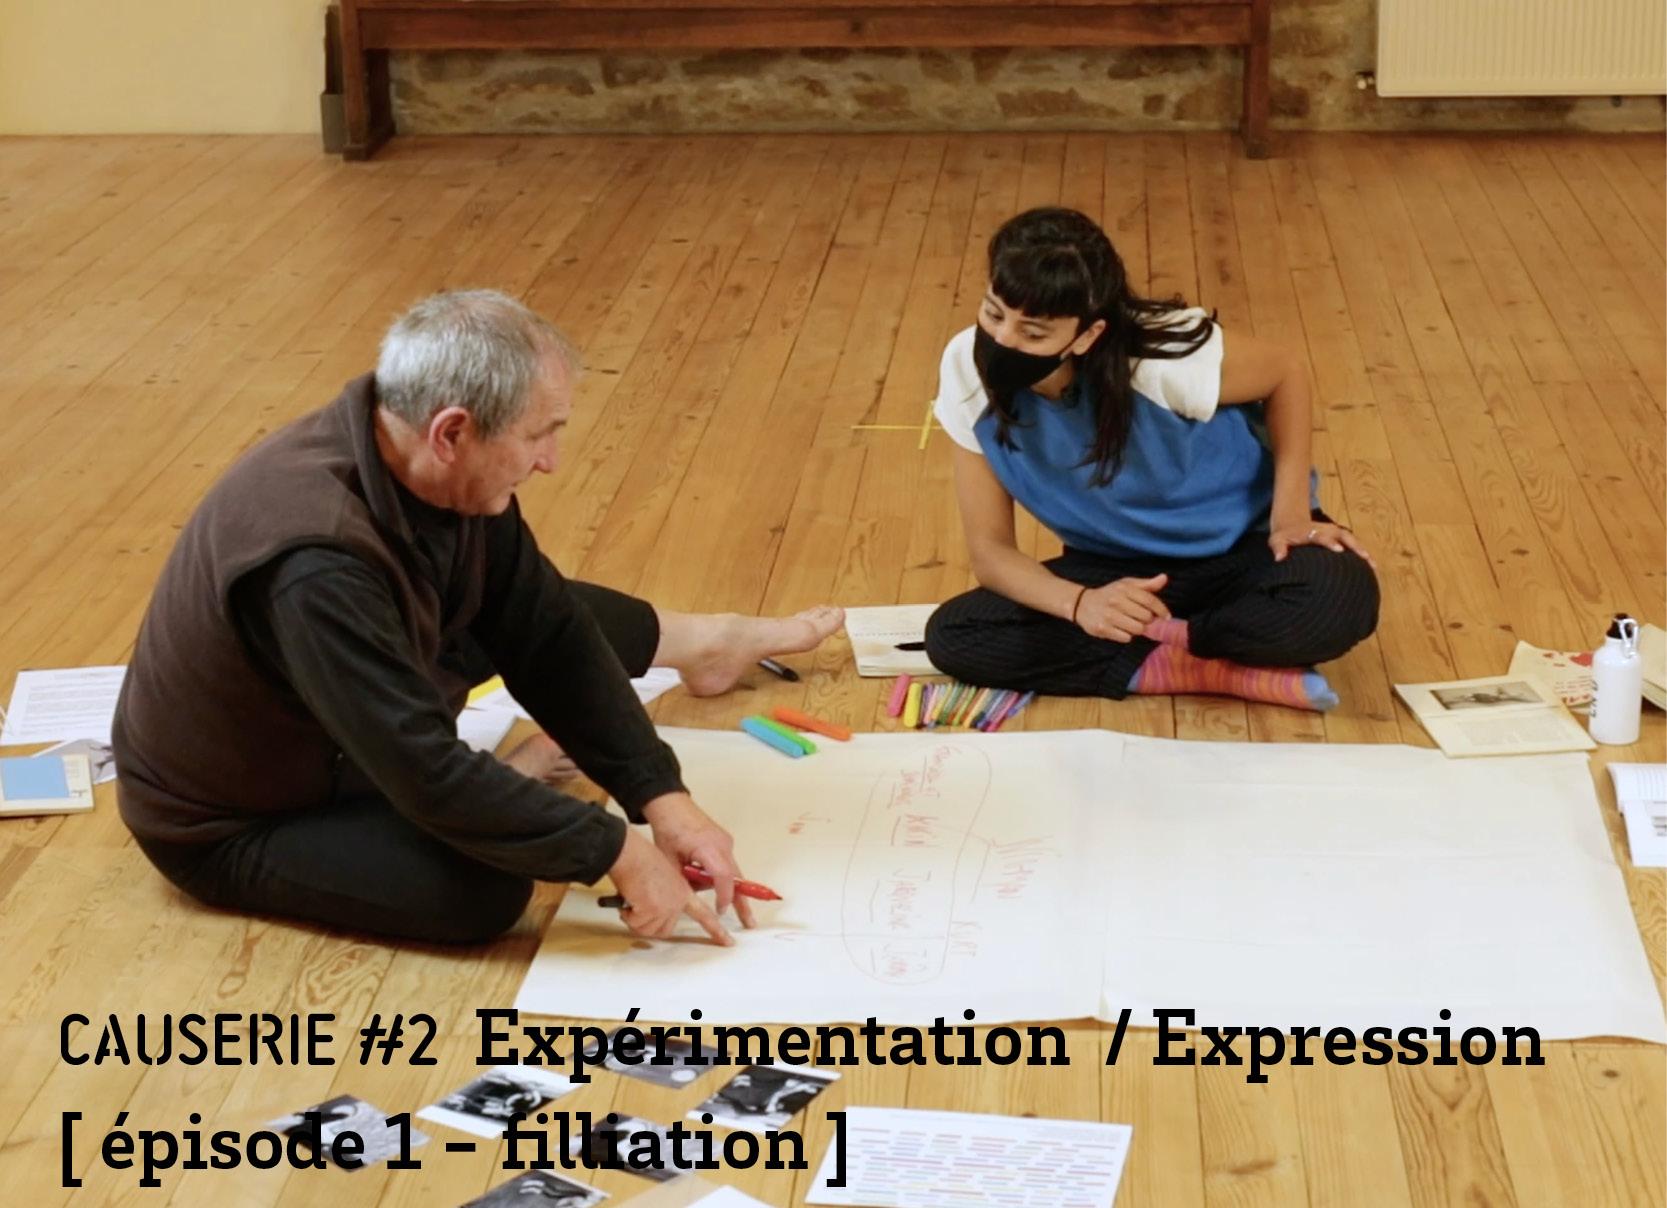 Causerie 2 Expérimentation / expression épisode 1 Filliation